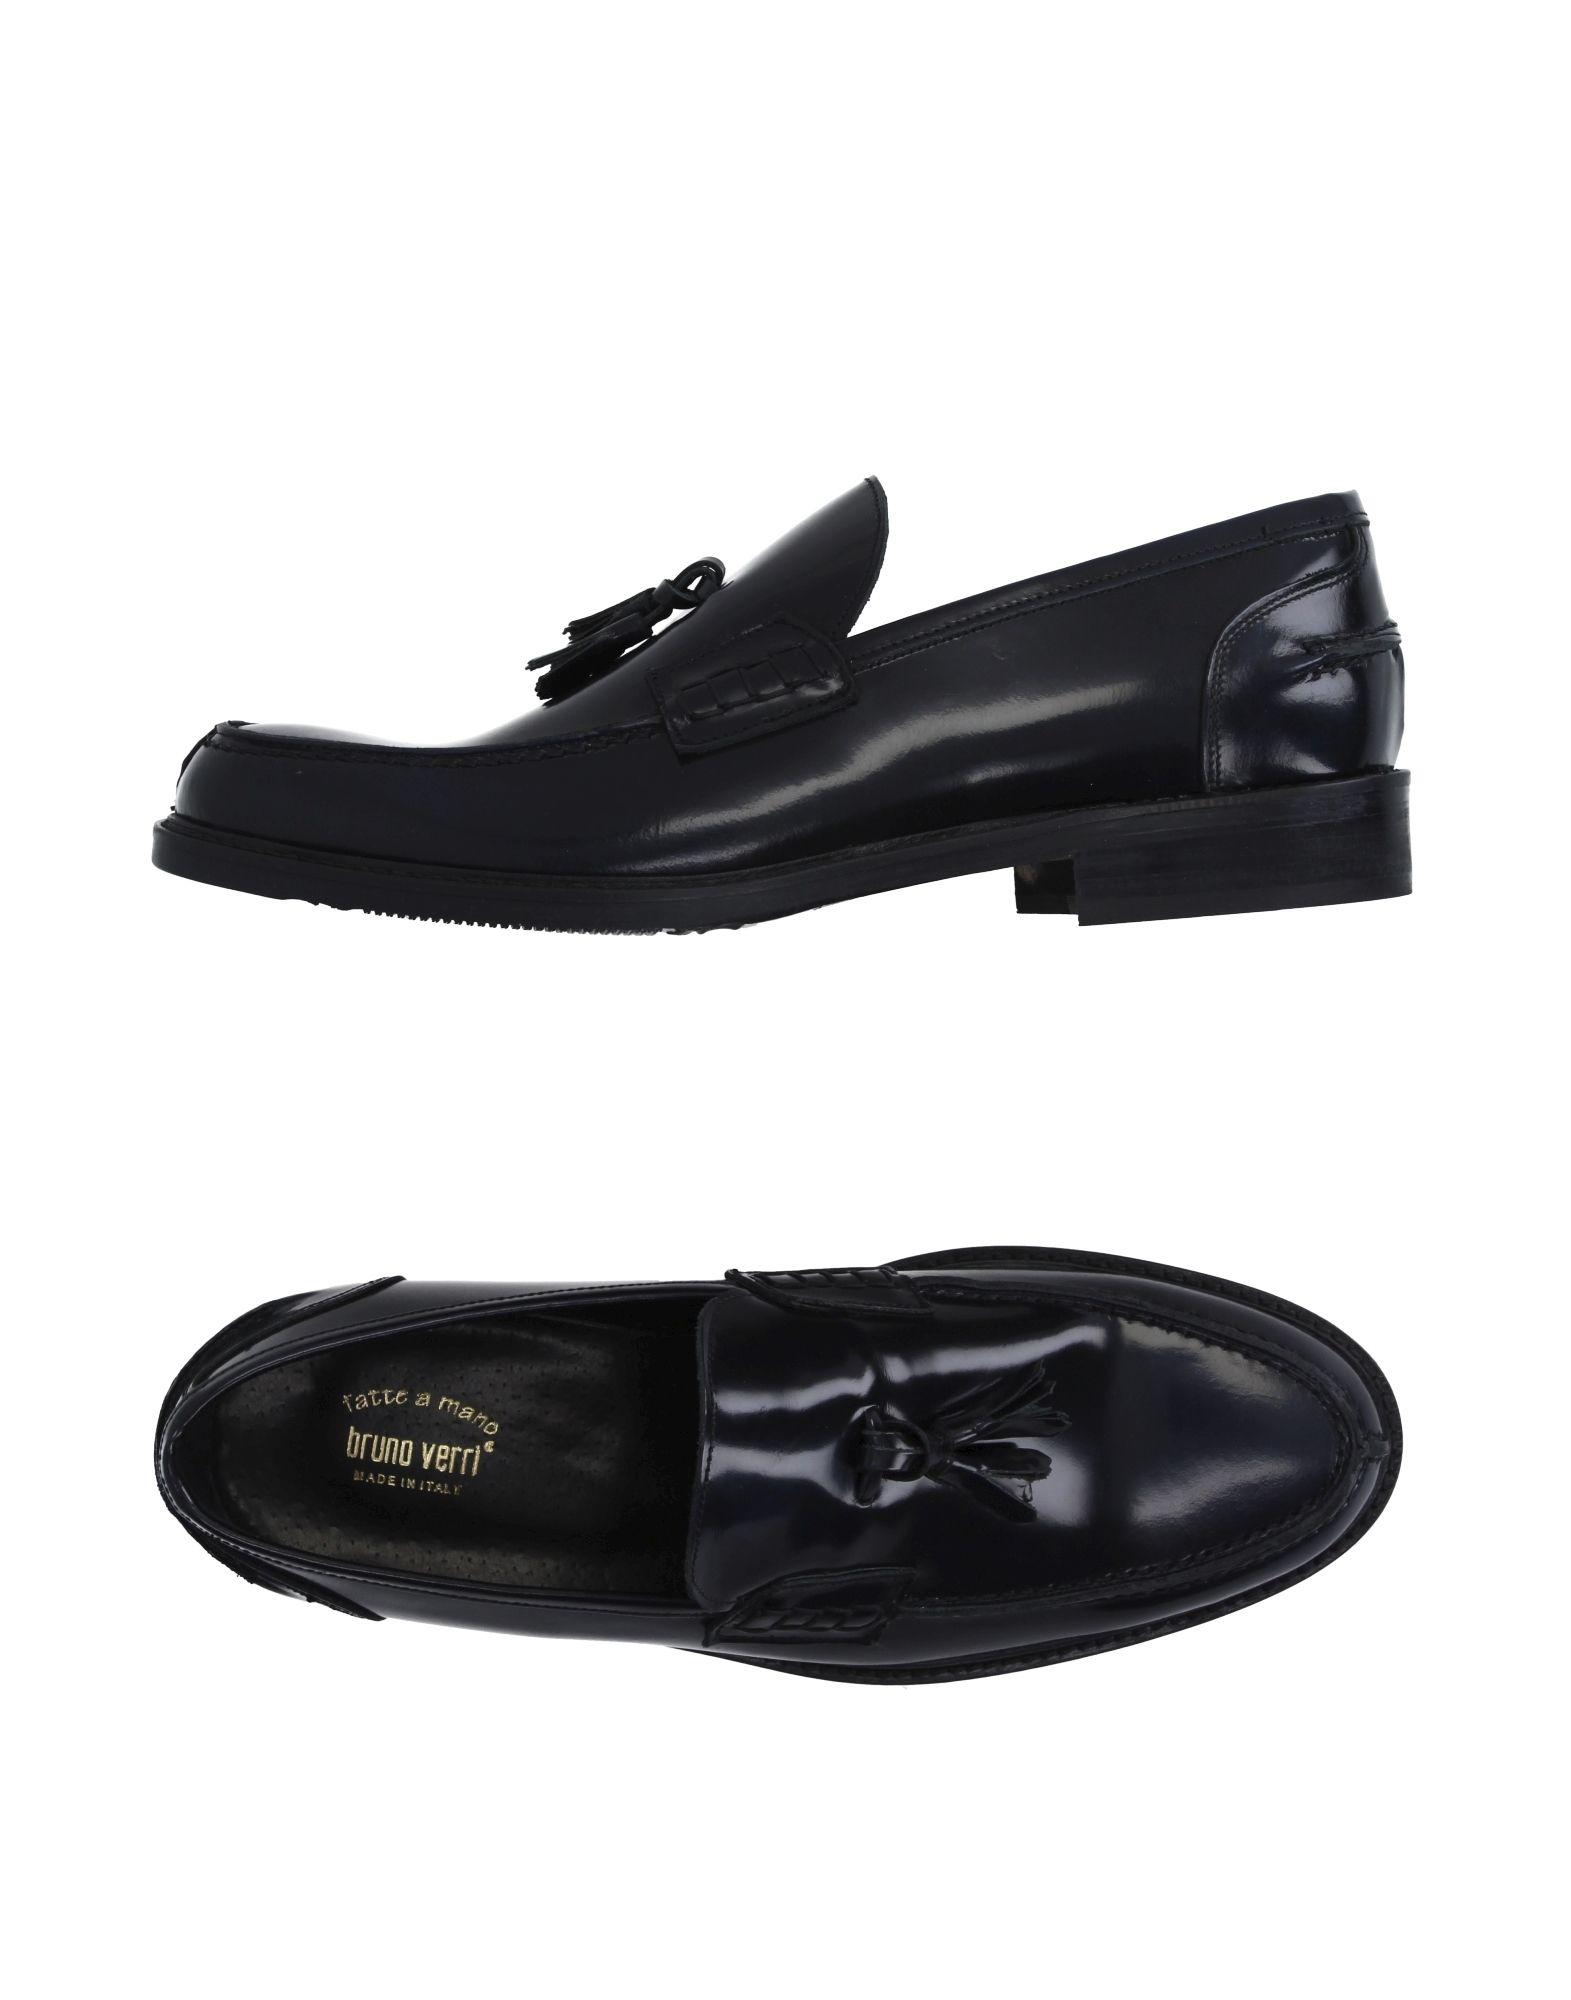 Bruno Verri Mokassins Herren  11017805WK Gute Qualität beliebte Schuhe